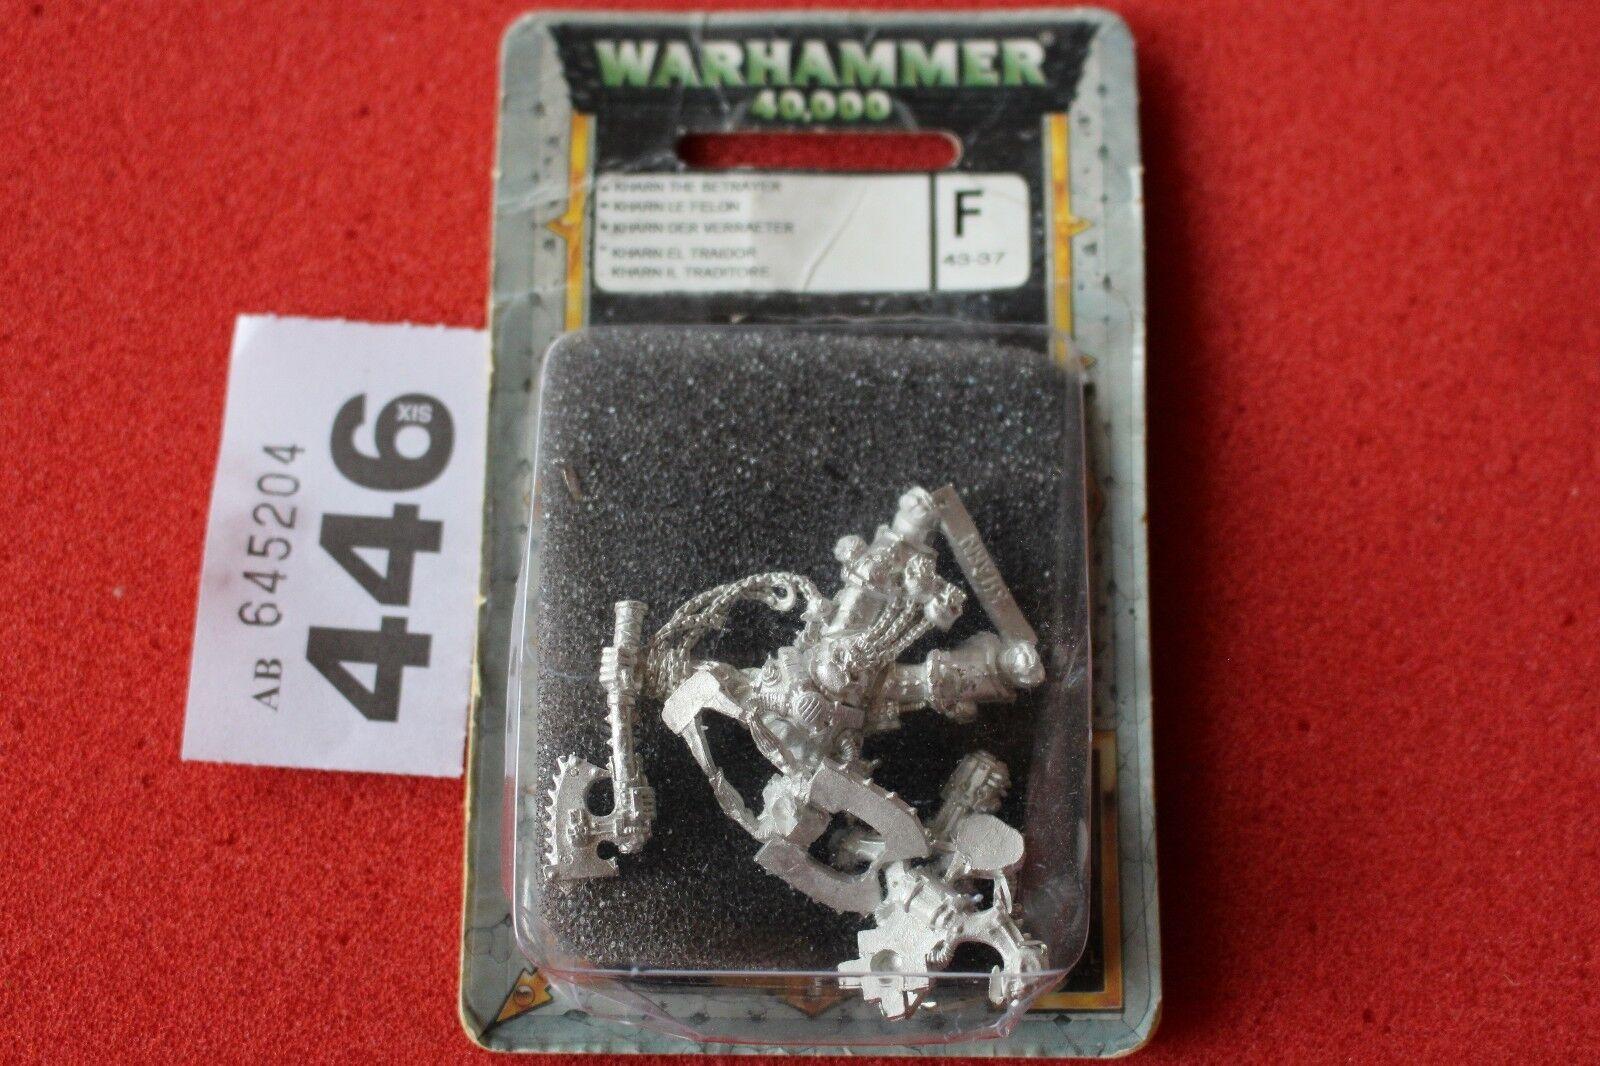 Spiele warhammer 40k workshop kh â rn der verräter metal - klassiker wh40k kharn neue gw